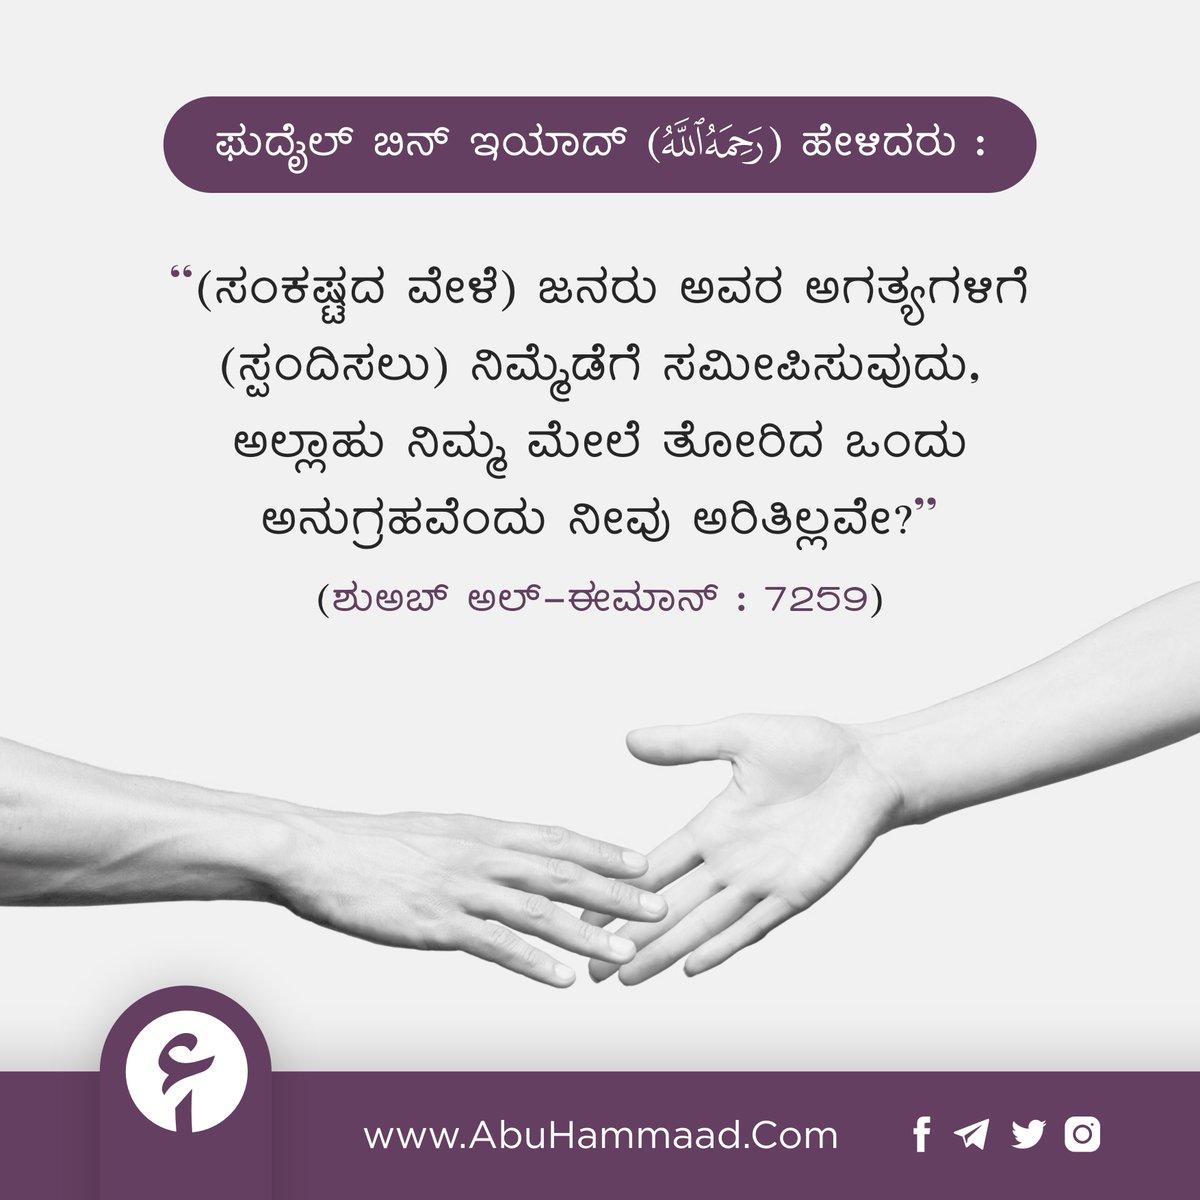 ಜನರ ಅಗತ್ಯಗಳಿಗೆ ಸ್ಪಂದಿಸಿರಿ... . . . #islamkannada #kannada #islamickannadaposters #salafikannada #abuhammaad #mangalore #kannadaquotes #karnataka #ಇಸ್ಲಾಂ #ಇಸ್ಲಾಮ್ #ಕನ್ನಡ